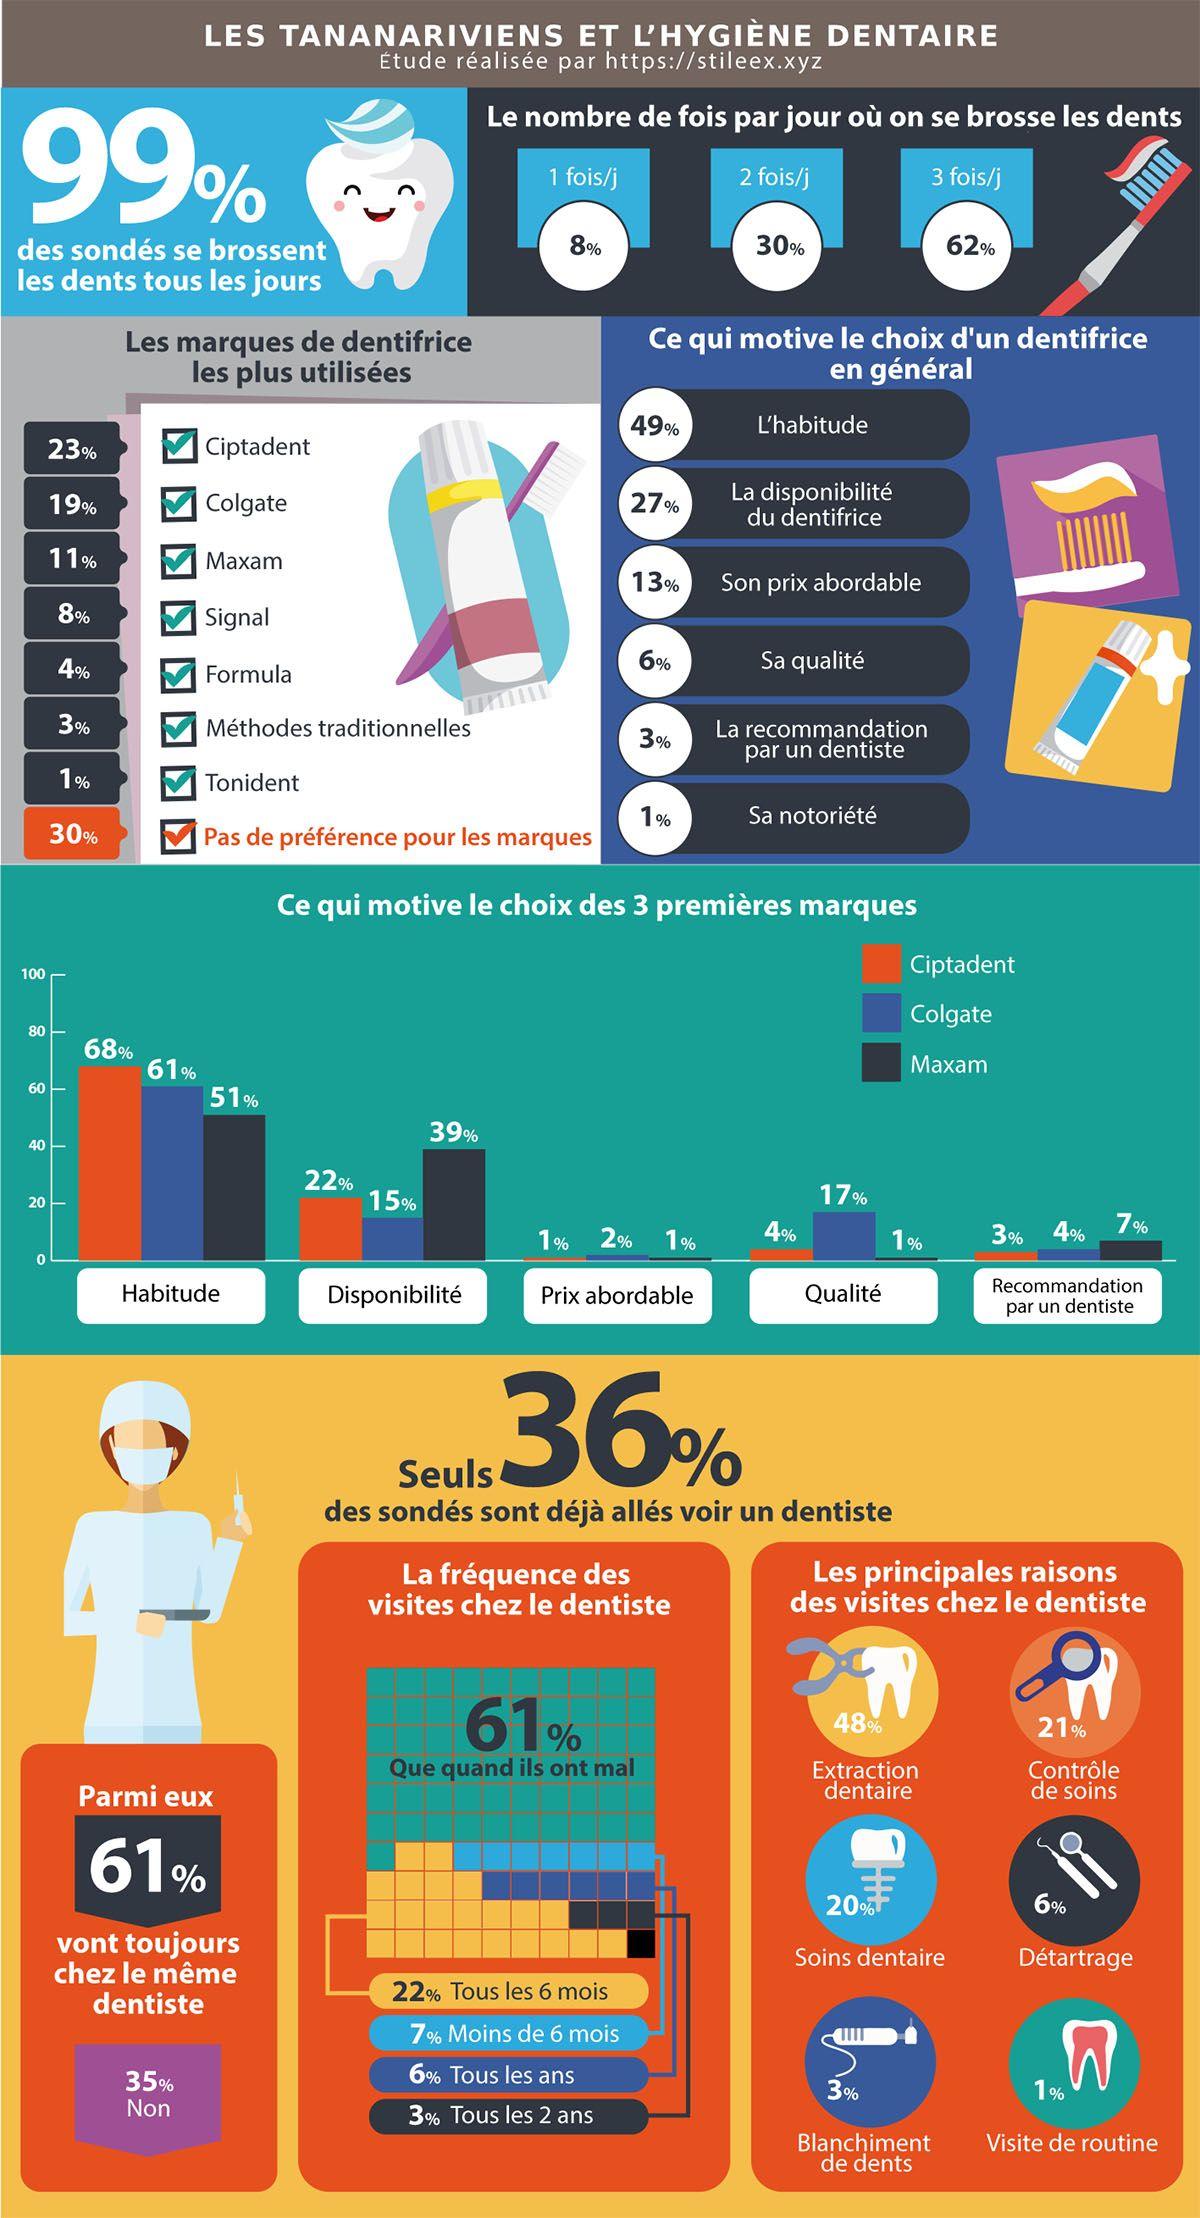 Résultats du sondage sur les Tananariviens et leur hygiène dentaire